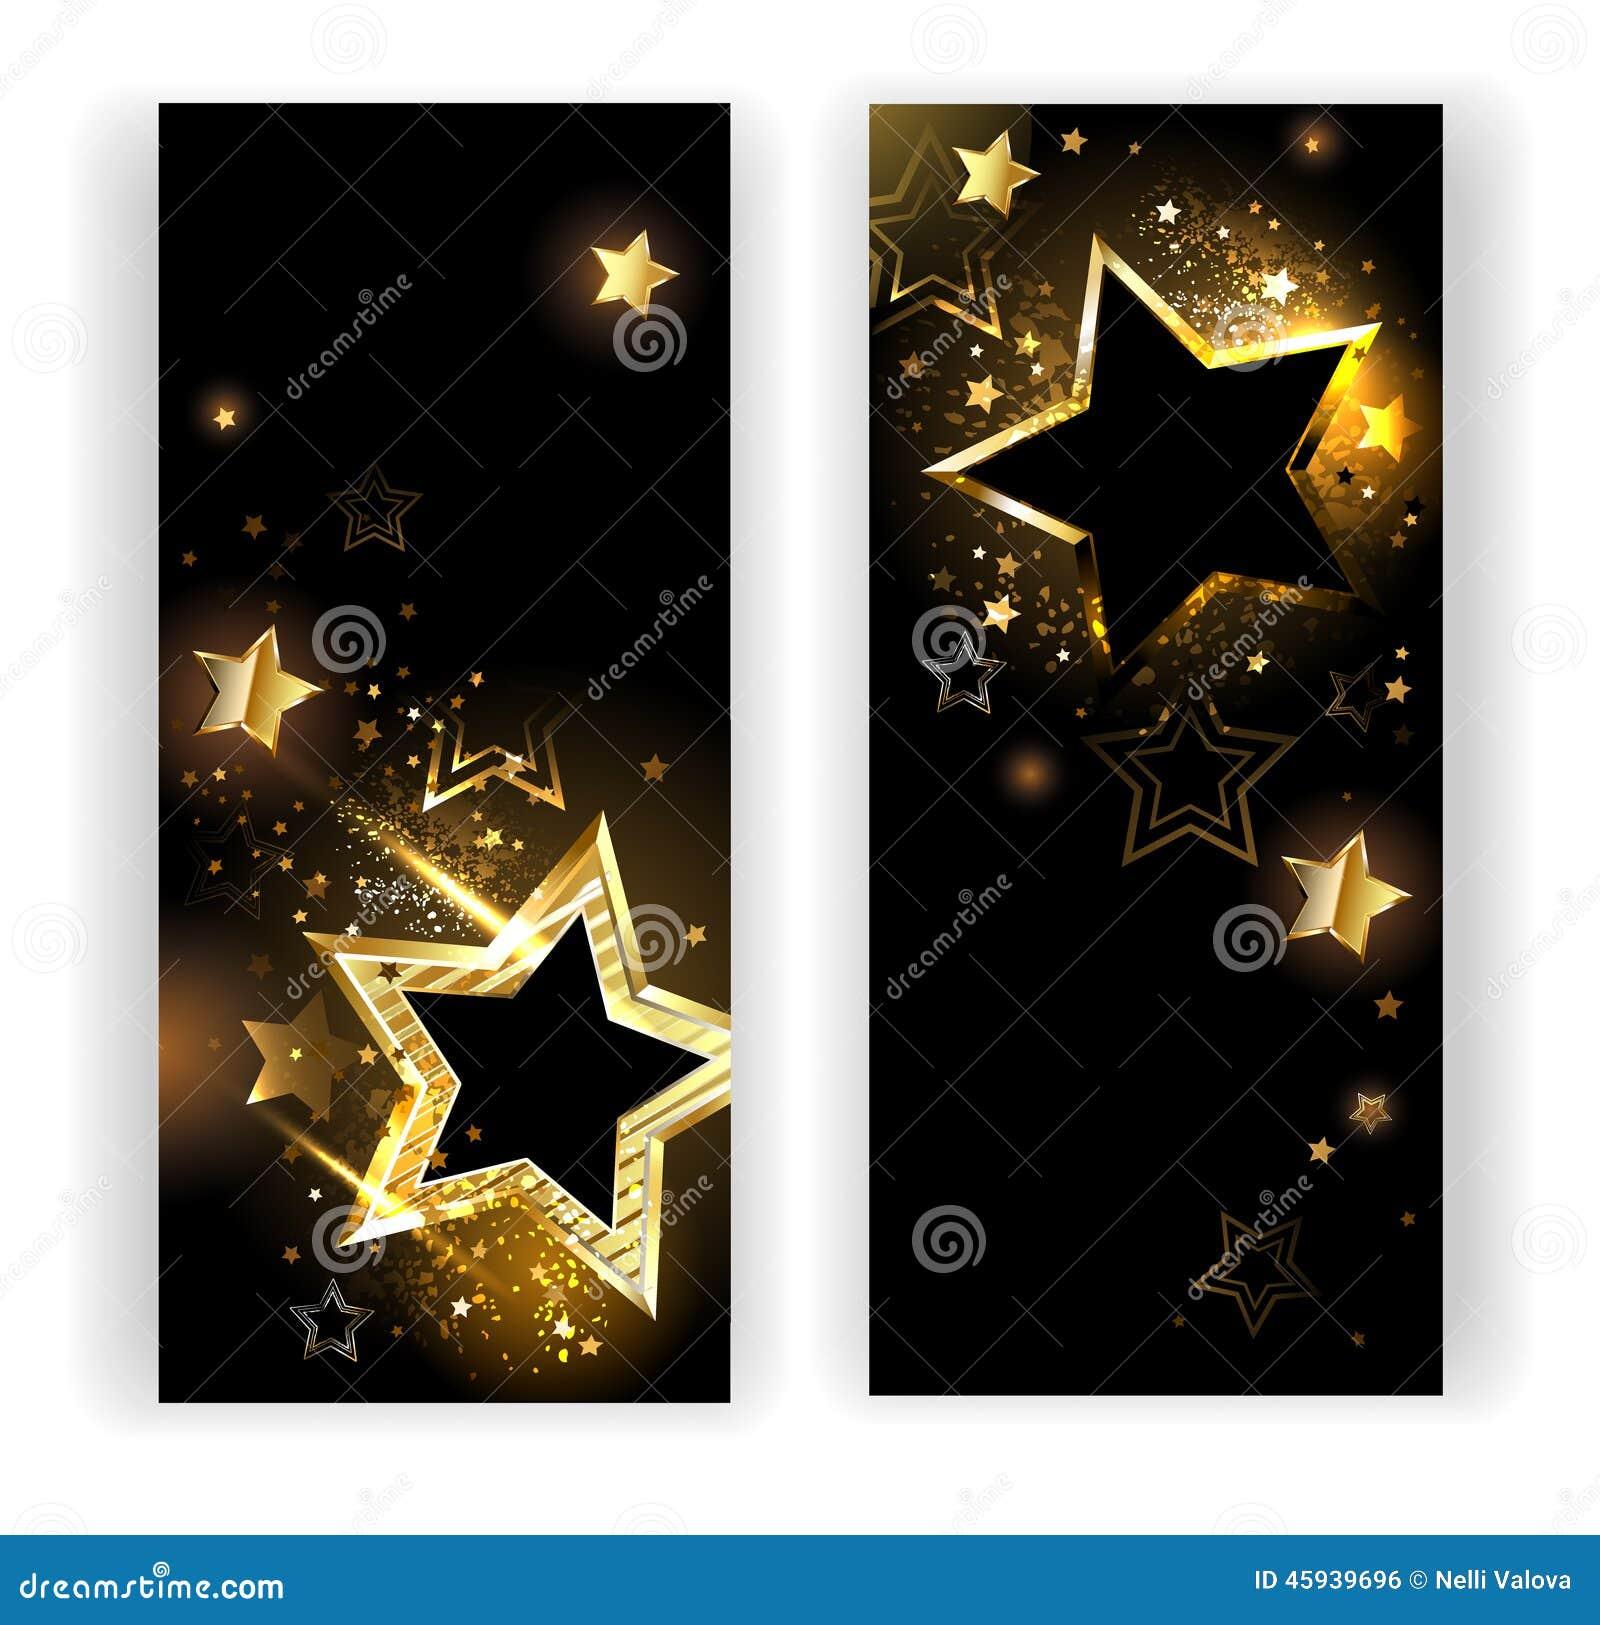 Zwei Fahnen Mit Goldsternen Vektor Abbildung - Illustration von ...